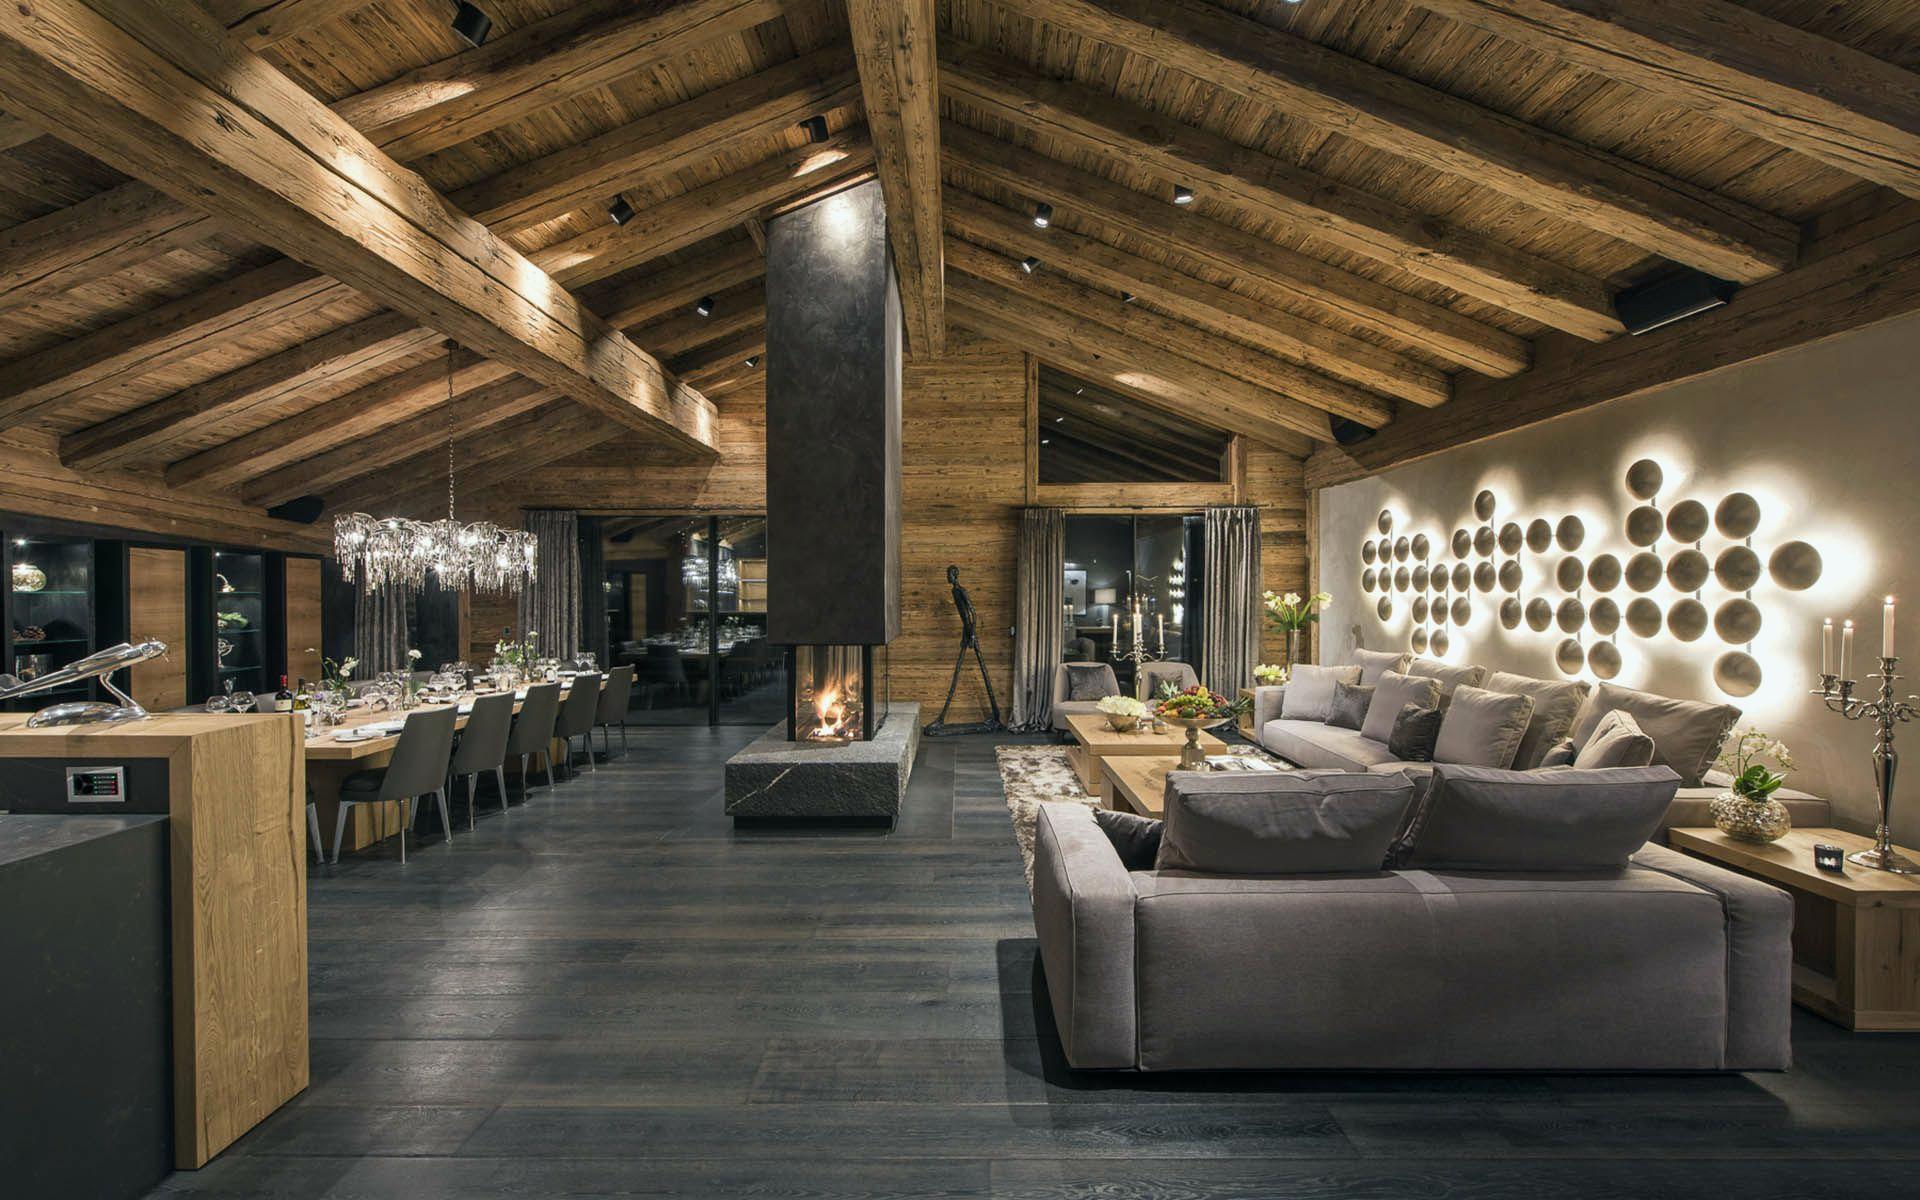 Decoration interieur chalet de luxe - Châlet, maison et cabane